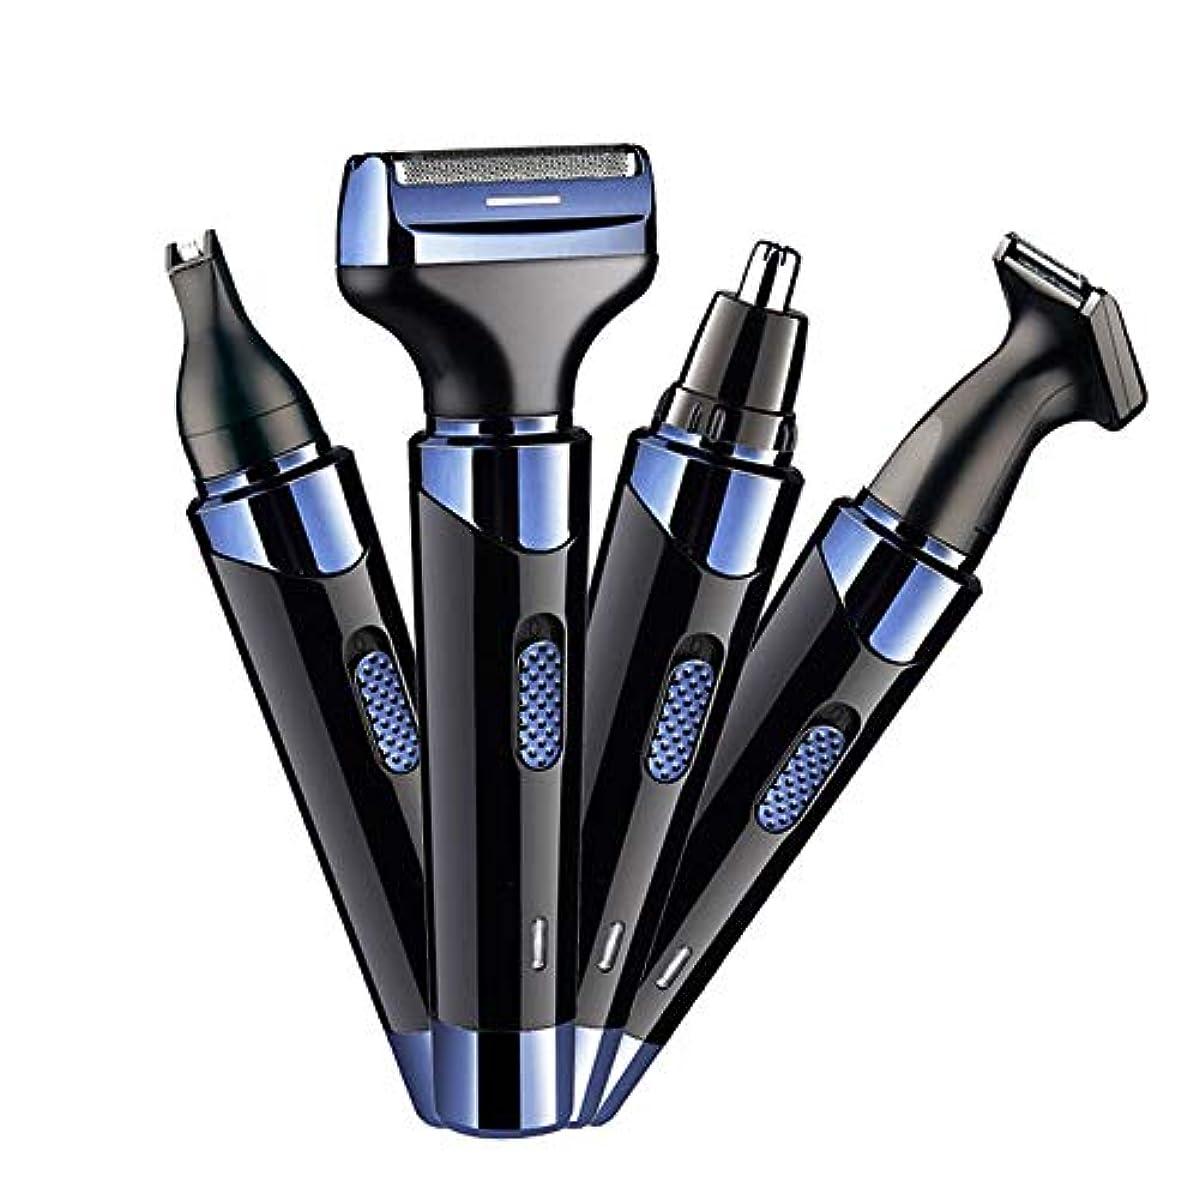 細部大西洋融合シェービング鼻毛クリーニングミニシェービングレタリング修理ナイフ多機能充電メンズ鼻毛トリマー メンズ ムダ毛トリマー 耳毛 鼻毛切り (Color : Blue, Size : USB)